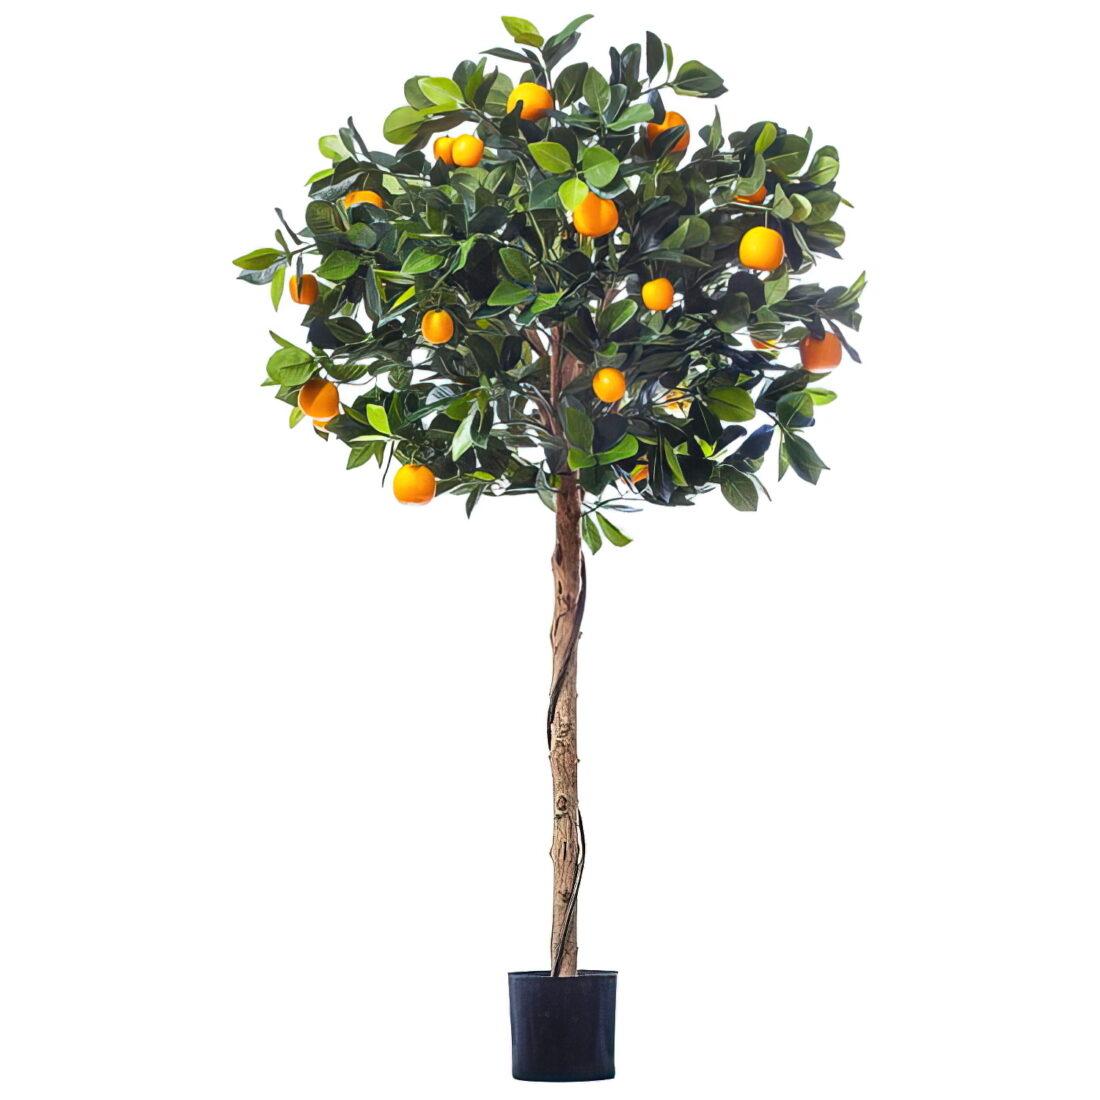 Искусственное растение Мандарин Голден Оранж с плодами, высота 120 см